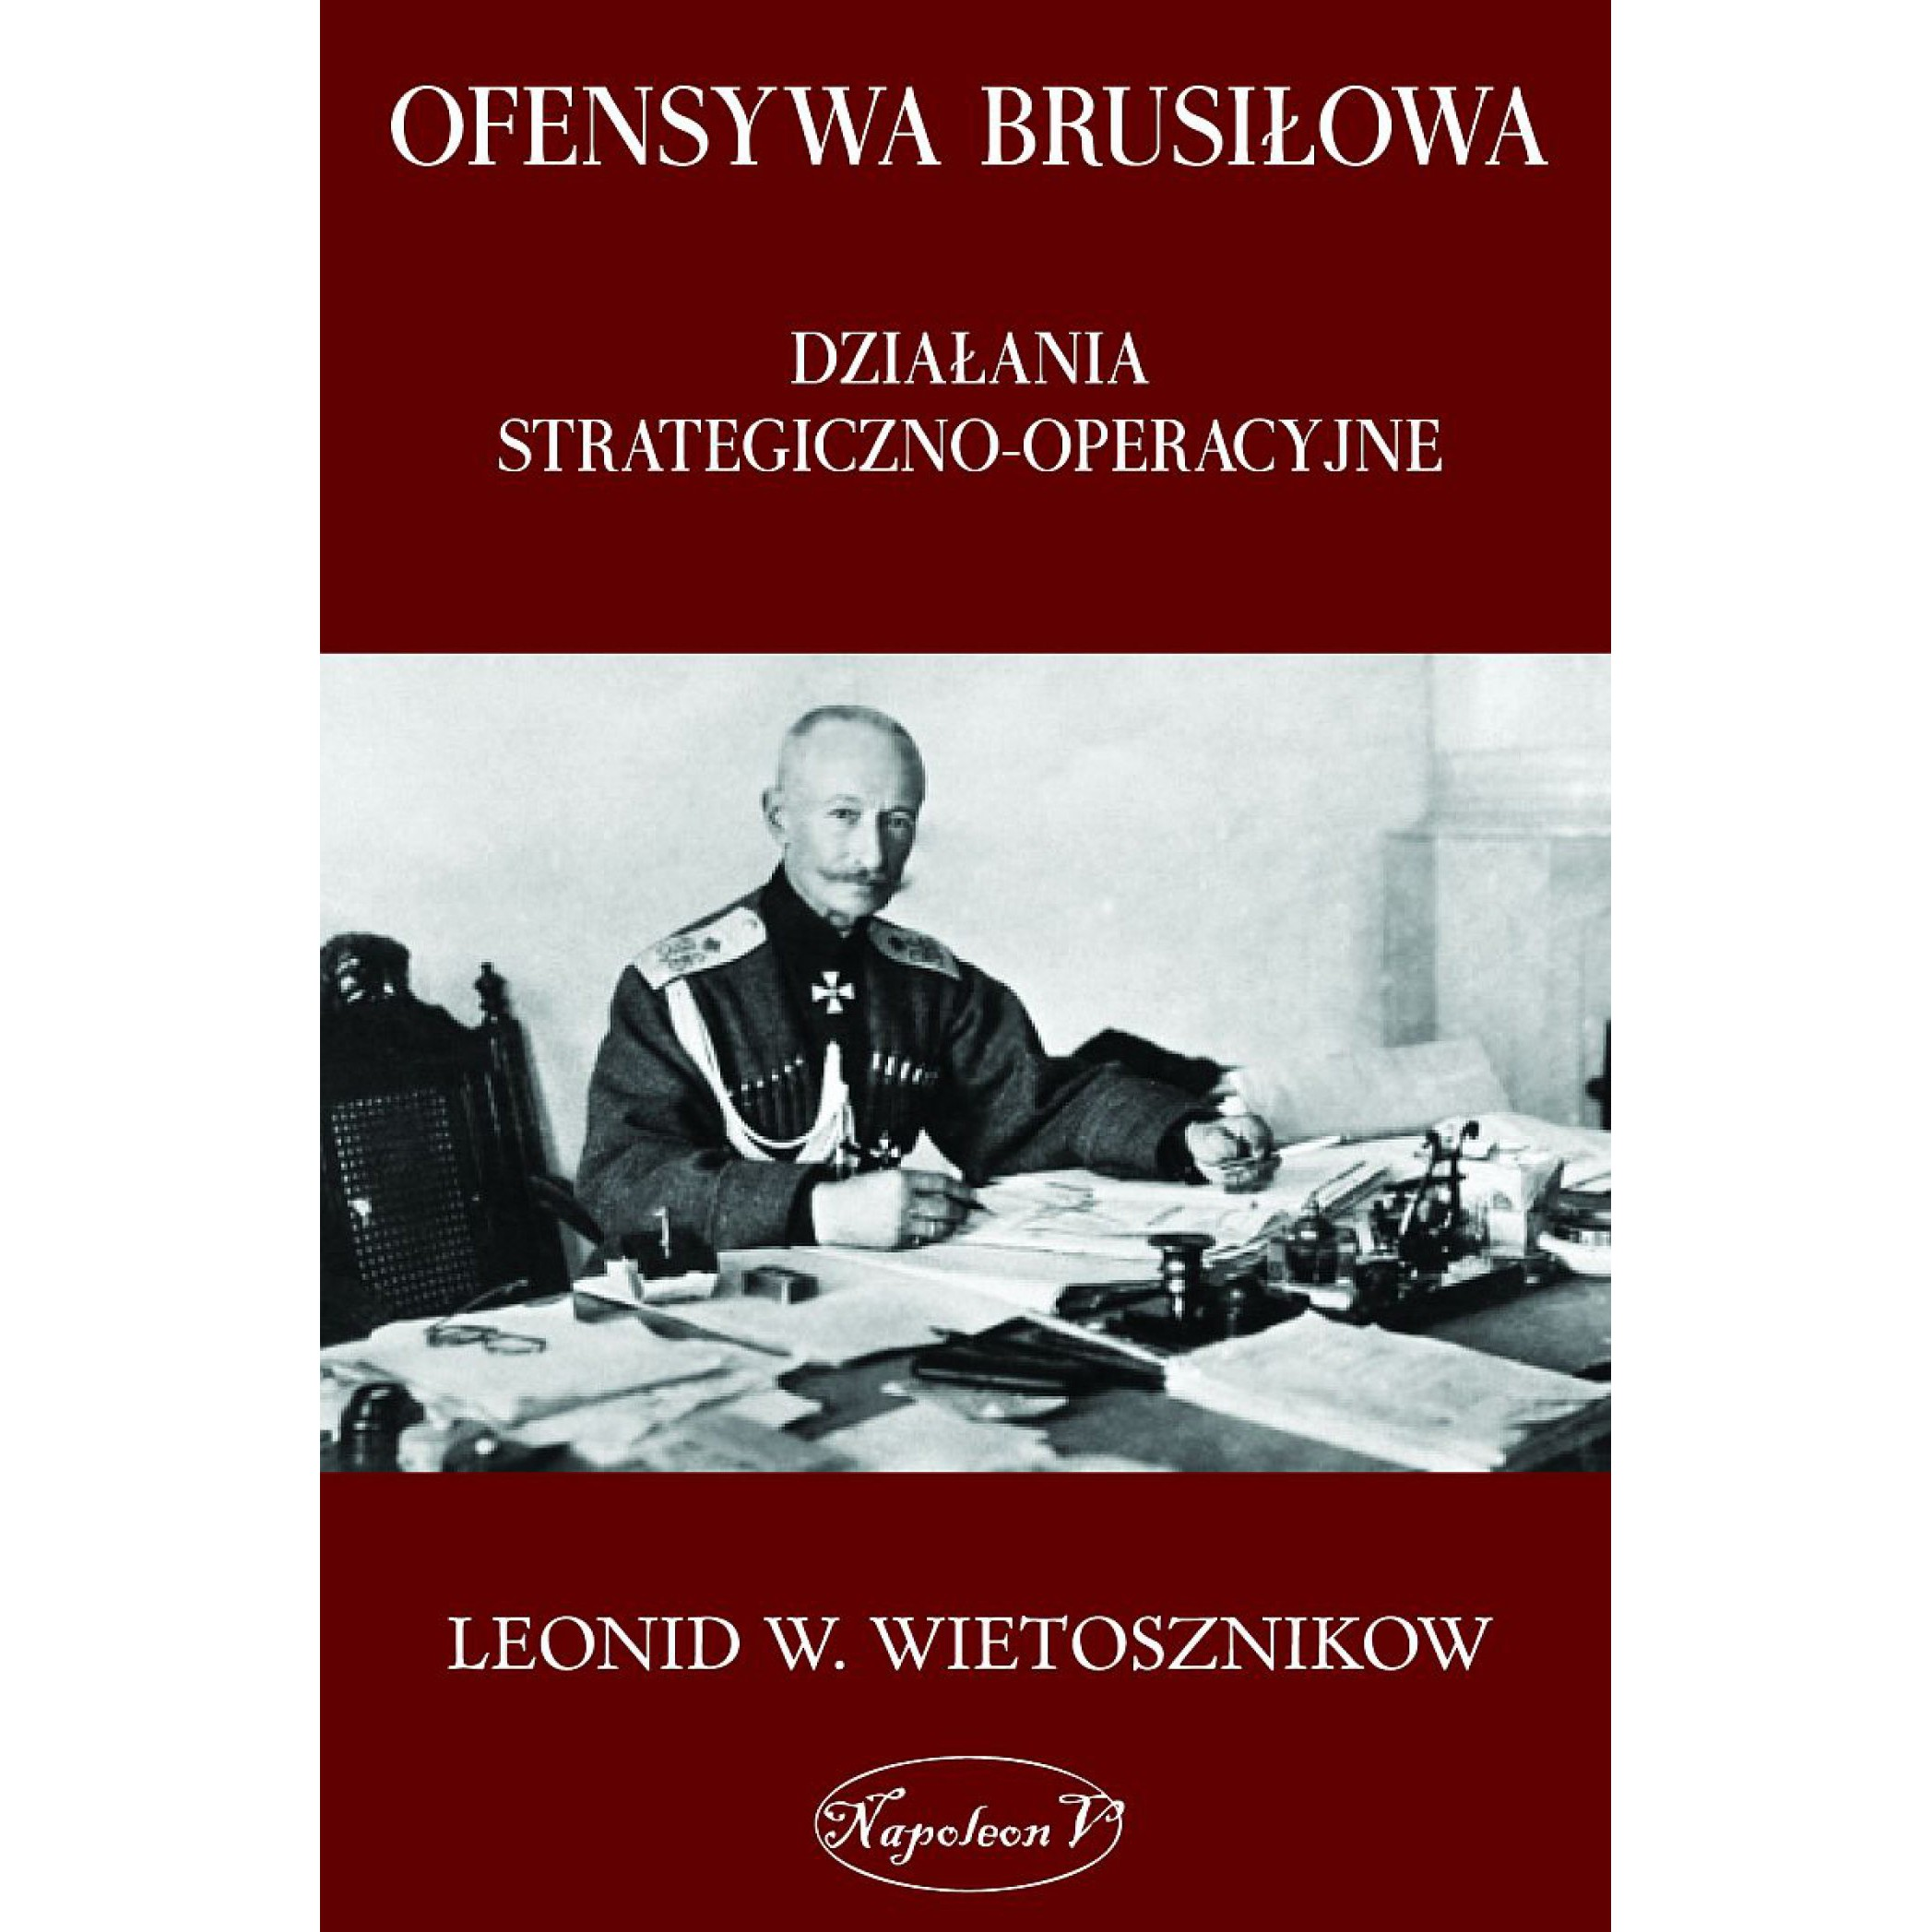 Ofensywa Brusiłowa. Działania strategiczno-operacyjne